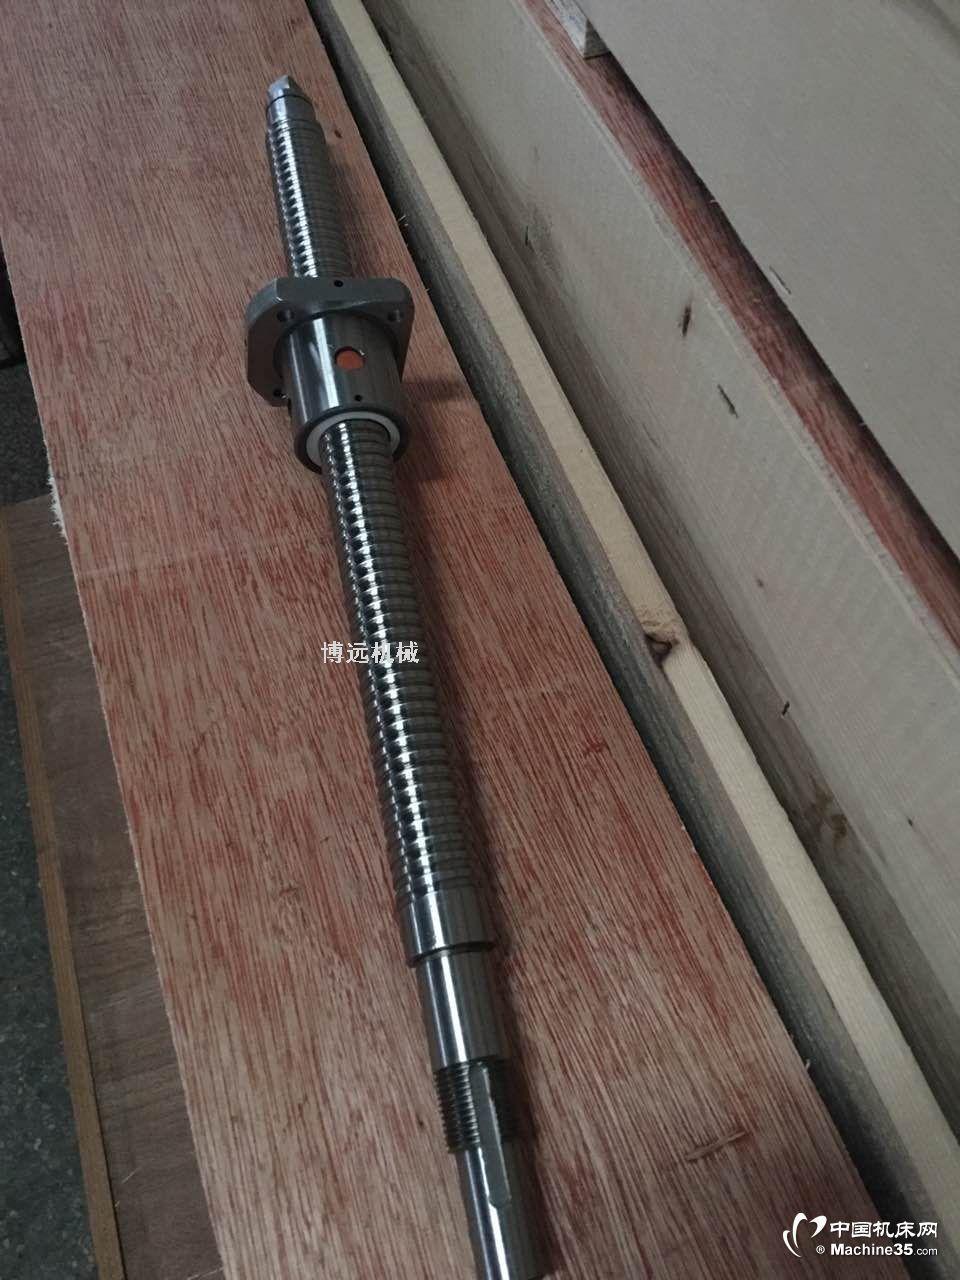 原厂机床配件滚珠丝杆滚珠螺杆厂家直销